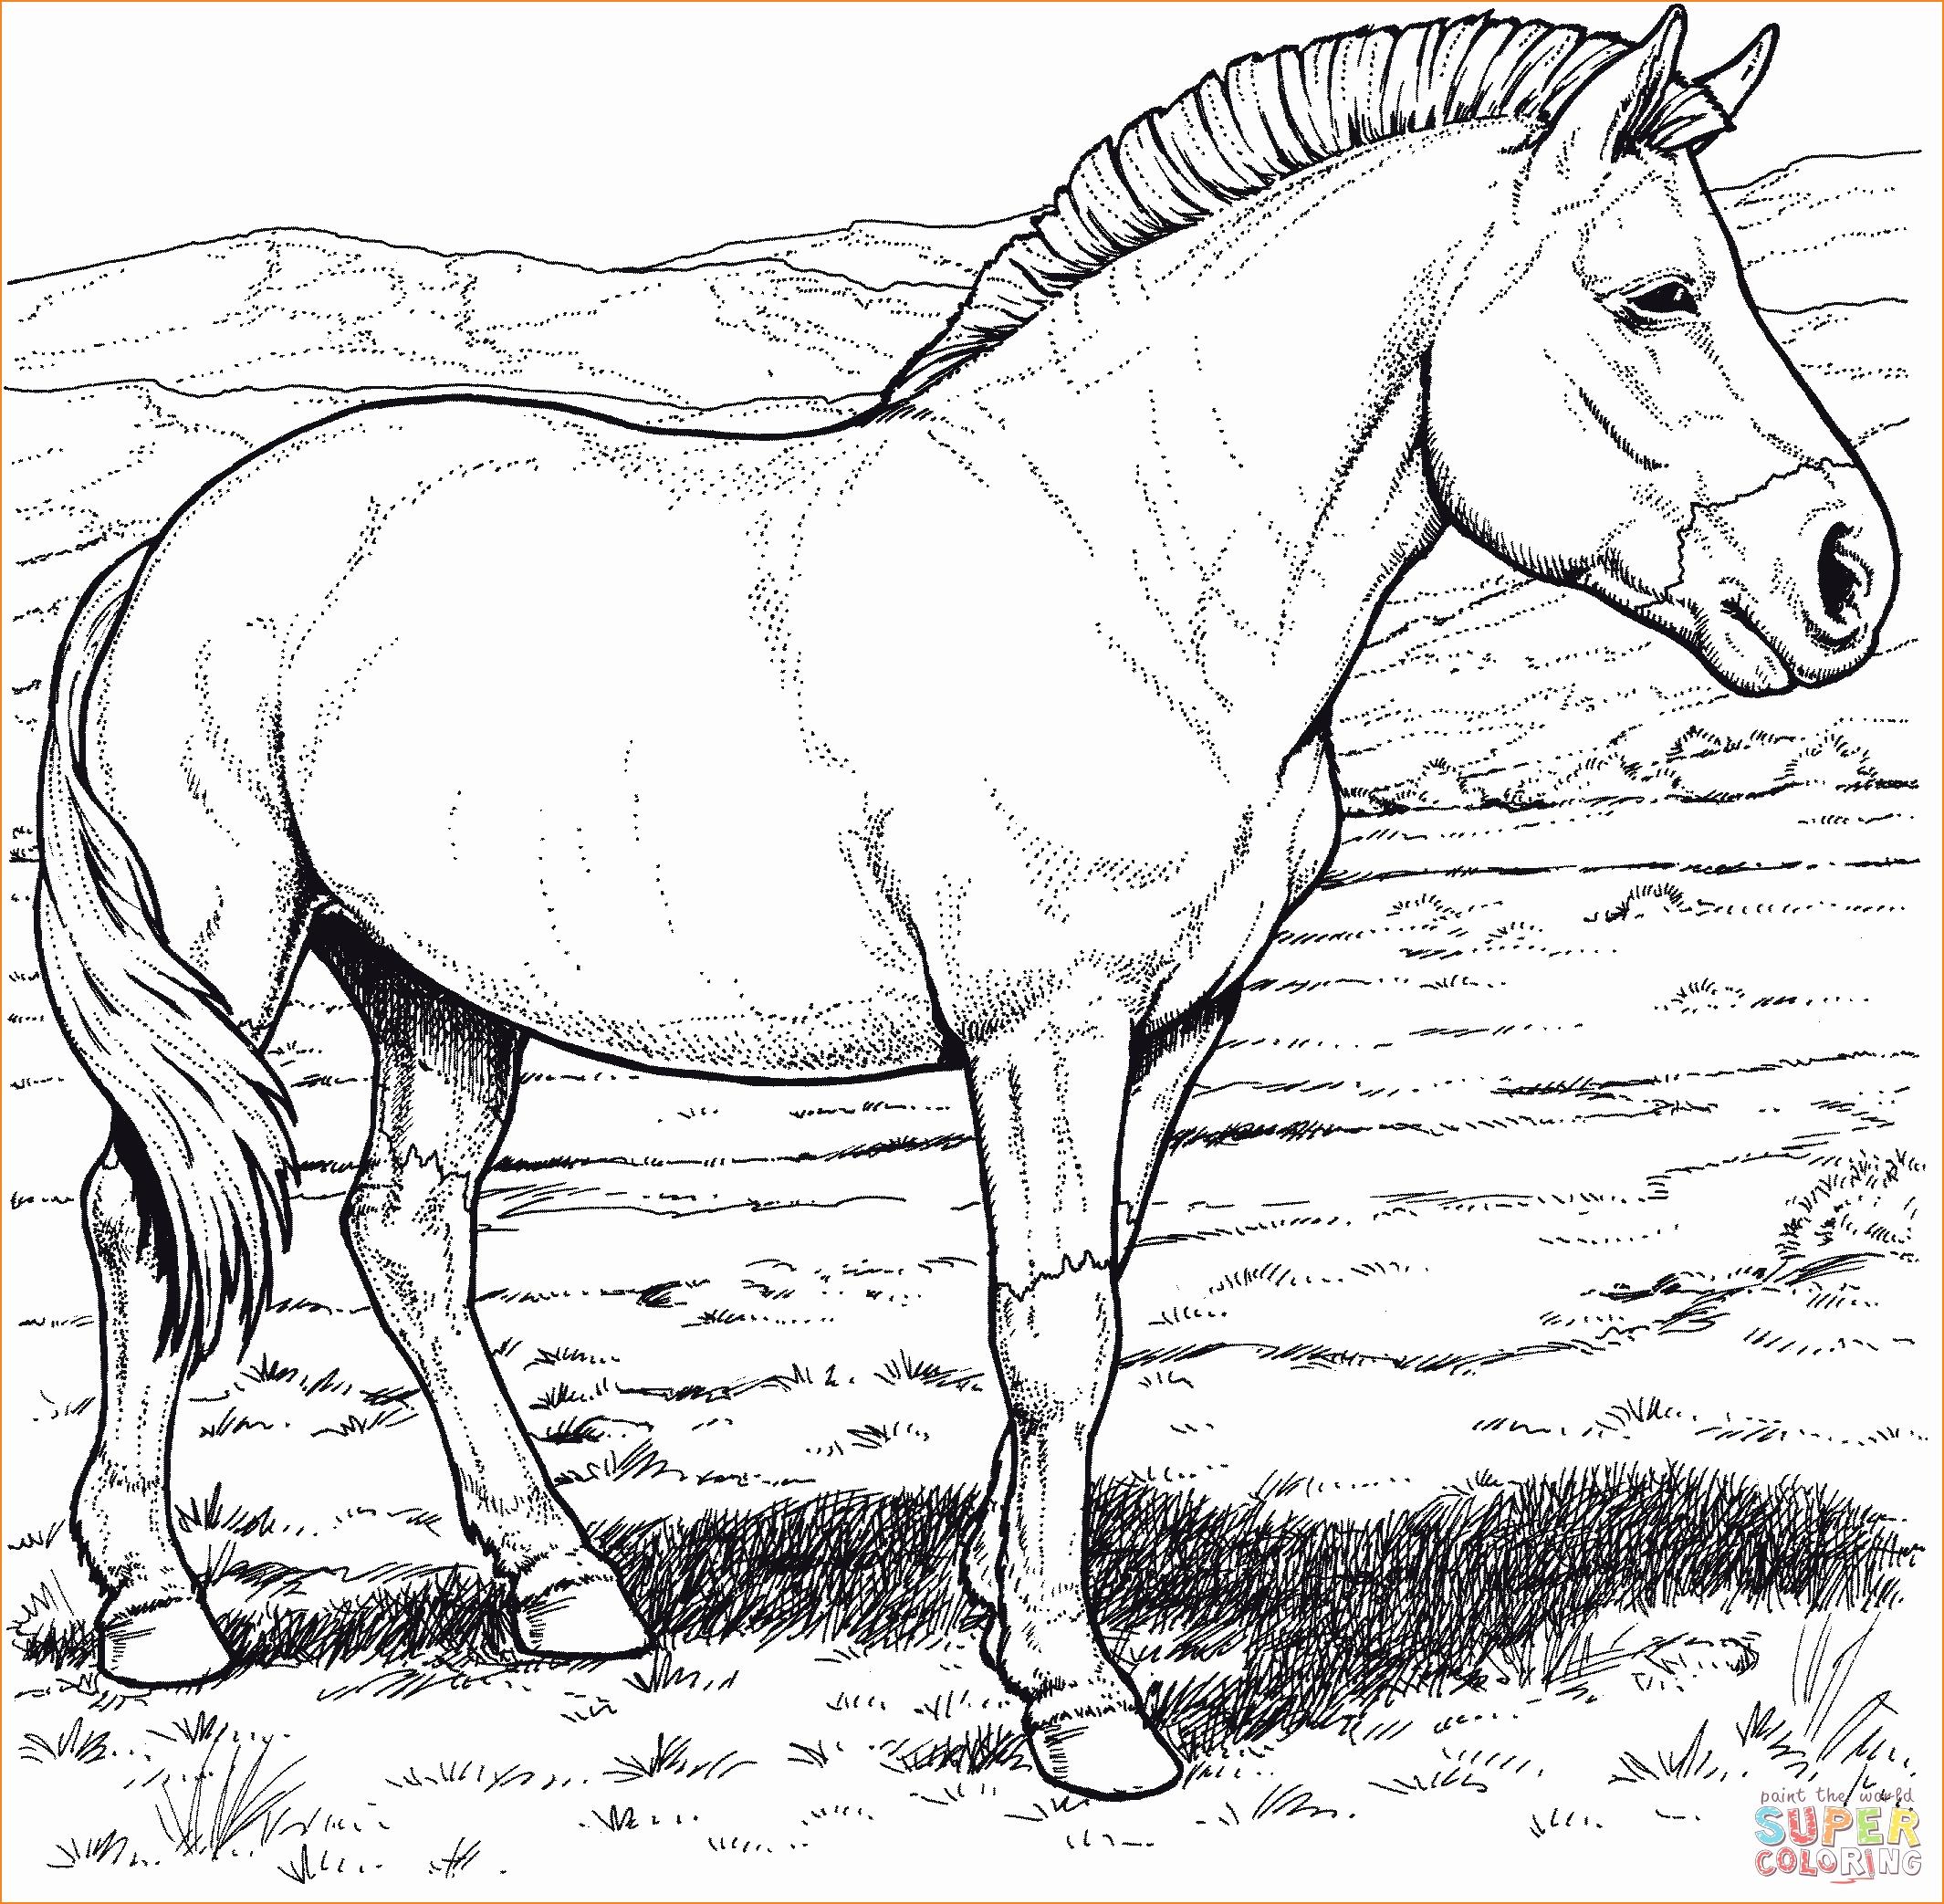 Pferdebilder Zum Ausdrucken Schön 44 Frisch Bilder verwandt mit Pferdebilder Zum Ausdrucken Gratis